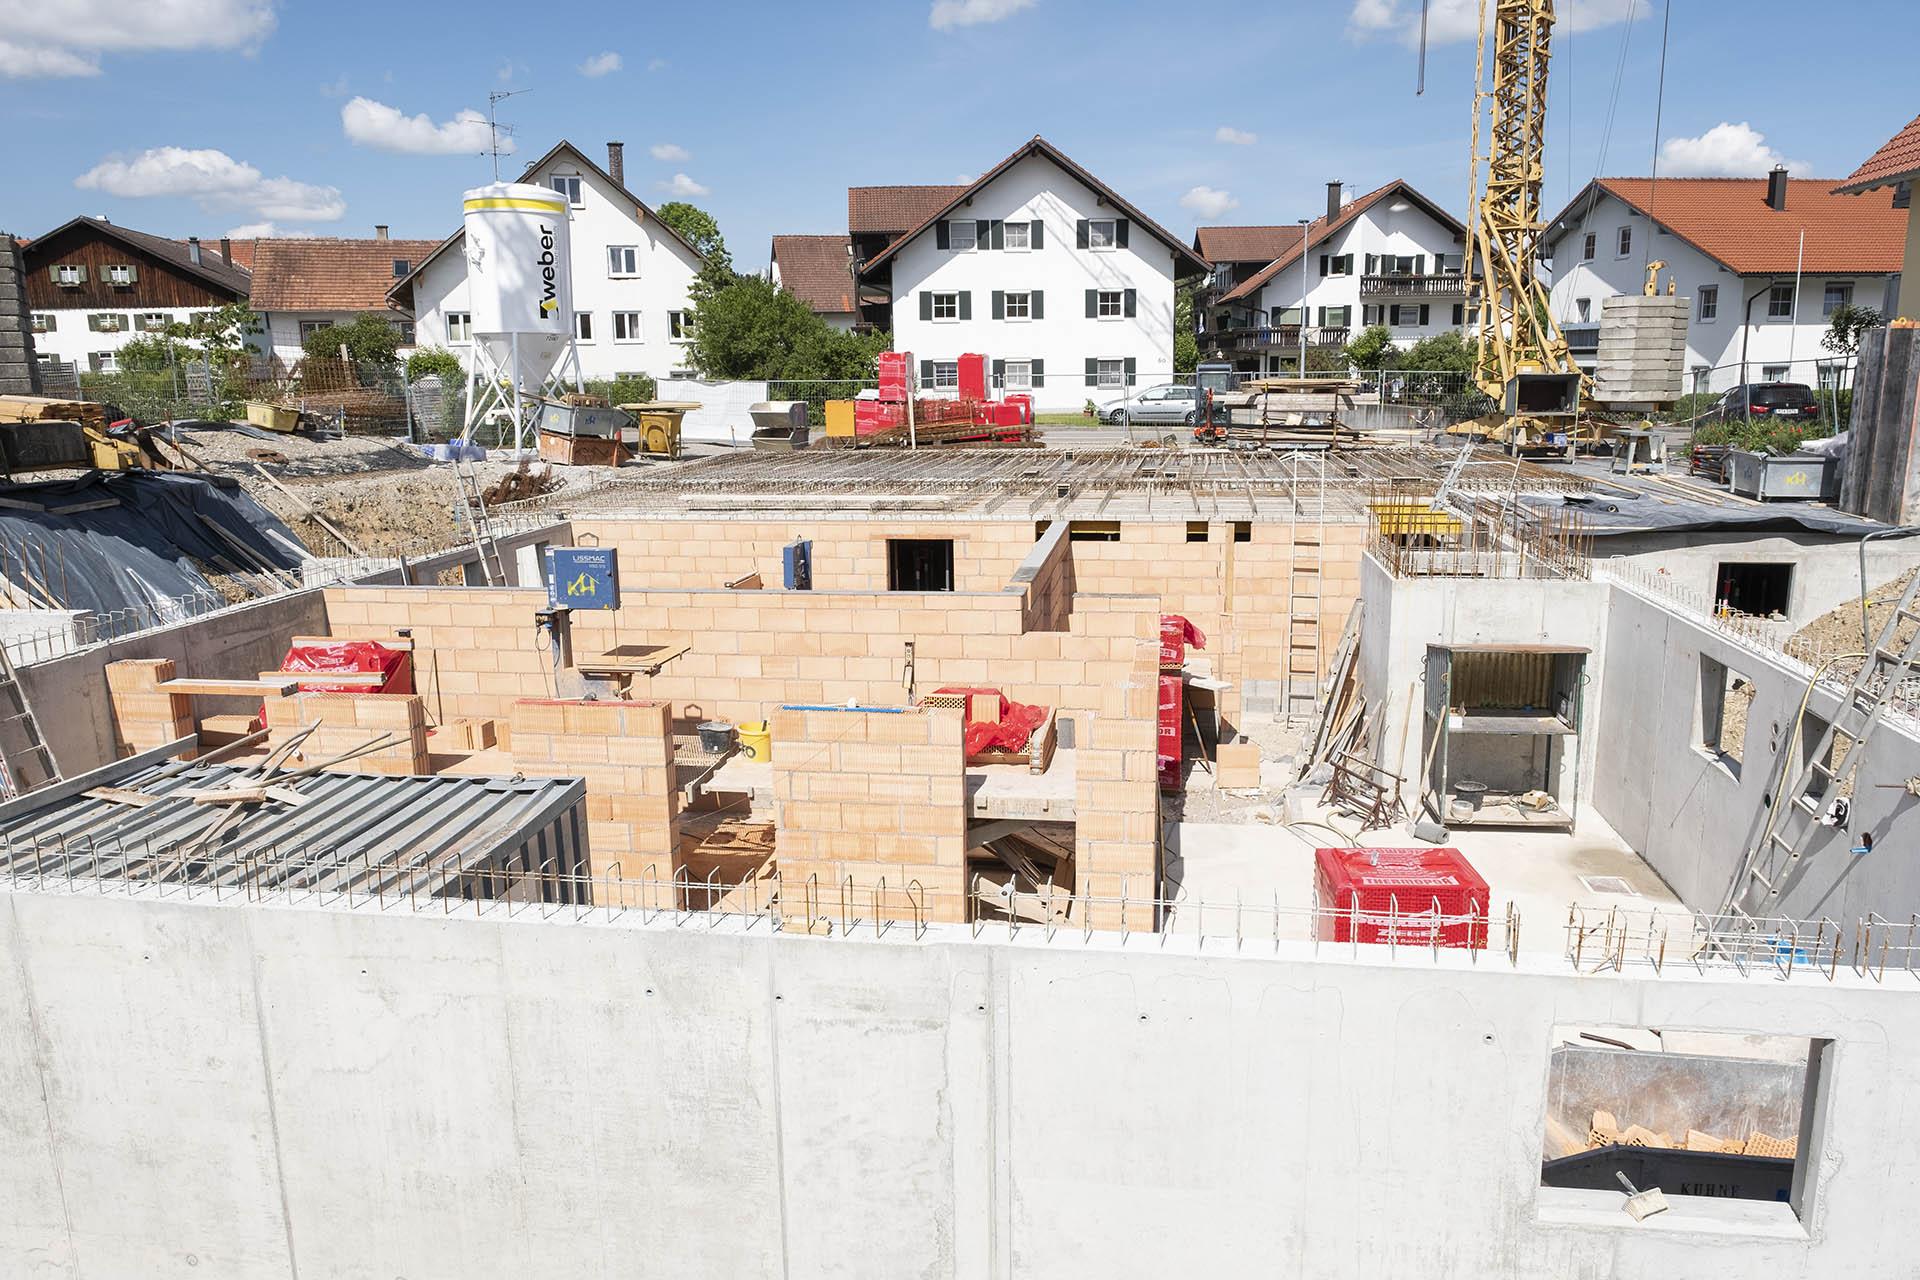 2. Bauabschnitt Kimratshofen - Kuhn und Handwerker Bad Grönenbach Zell Unterallgäu